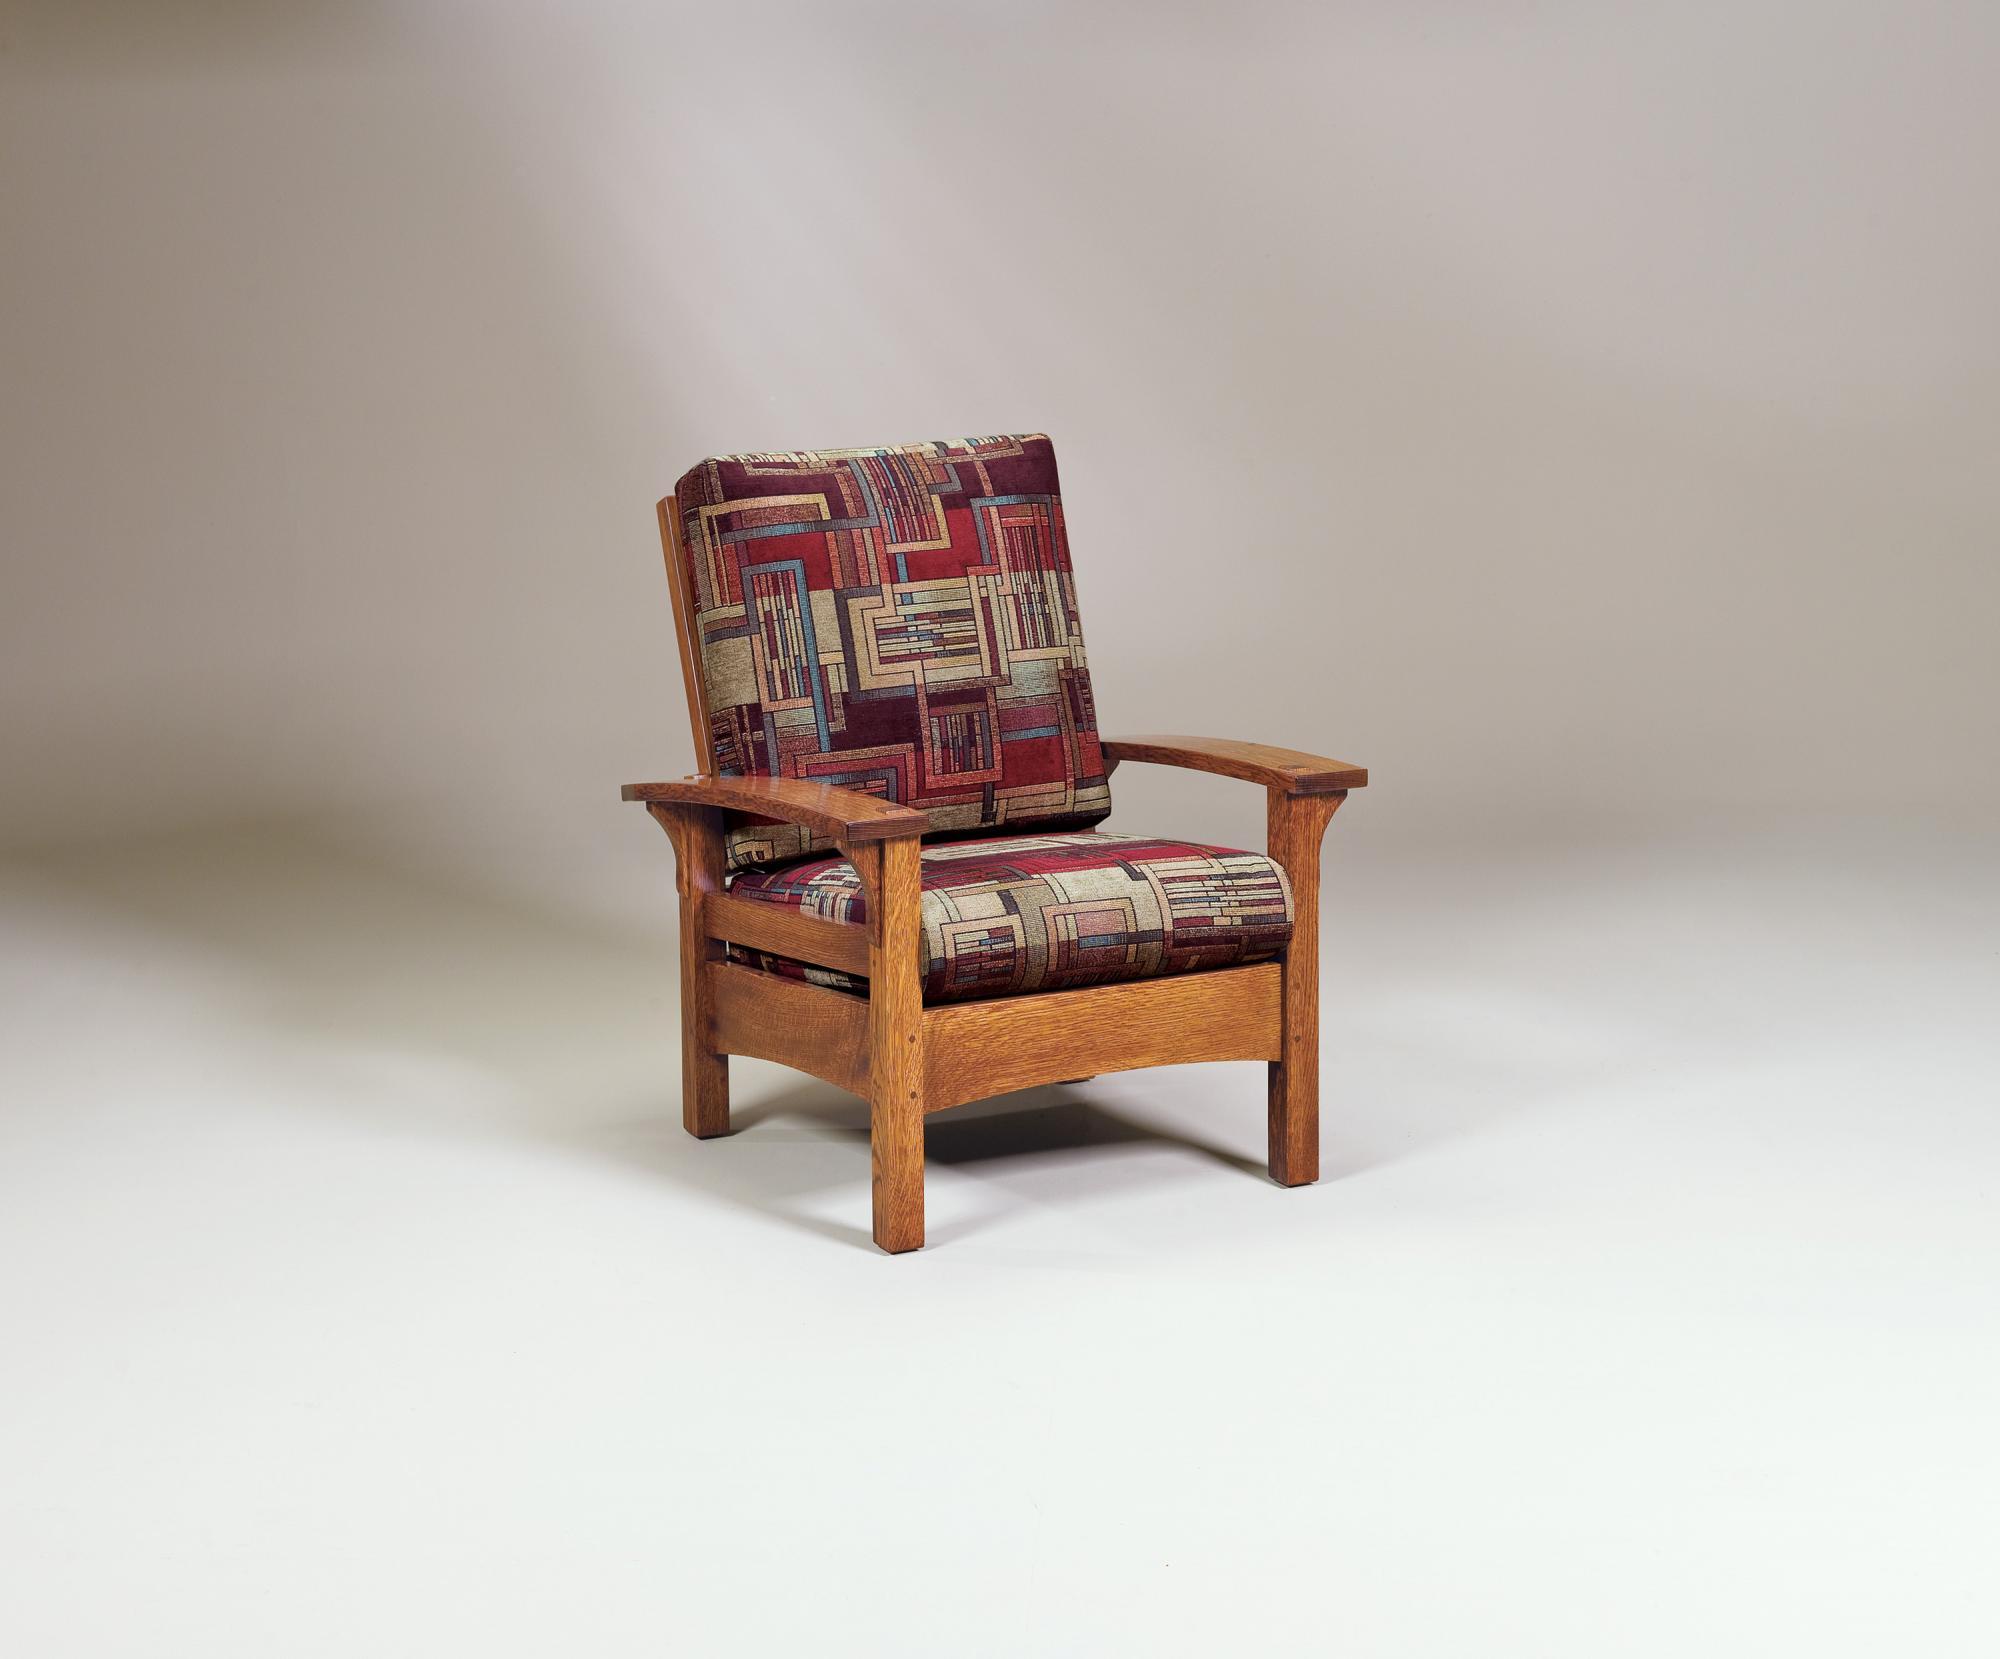 46 Home Furniture Mankato Mn Benchs Mankato Mn Classic Farmers Roll Top Desk Artesa File